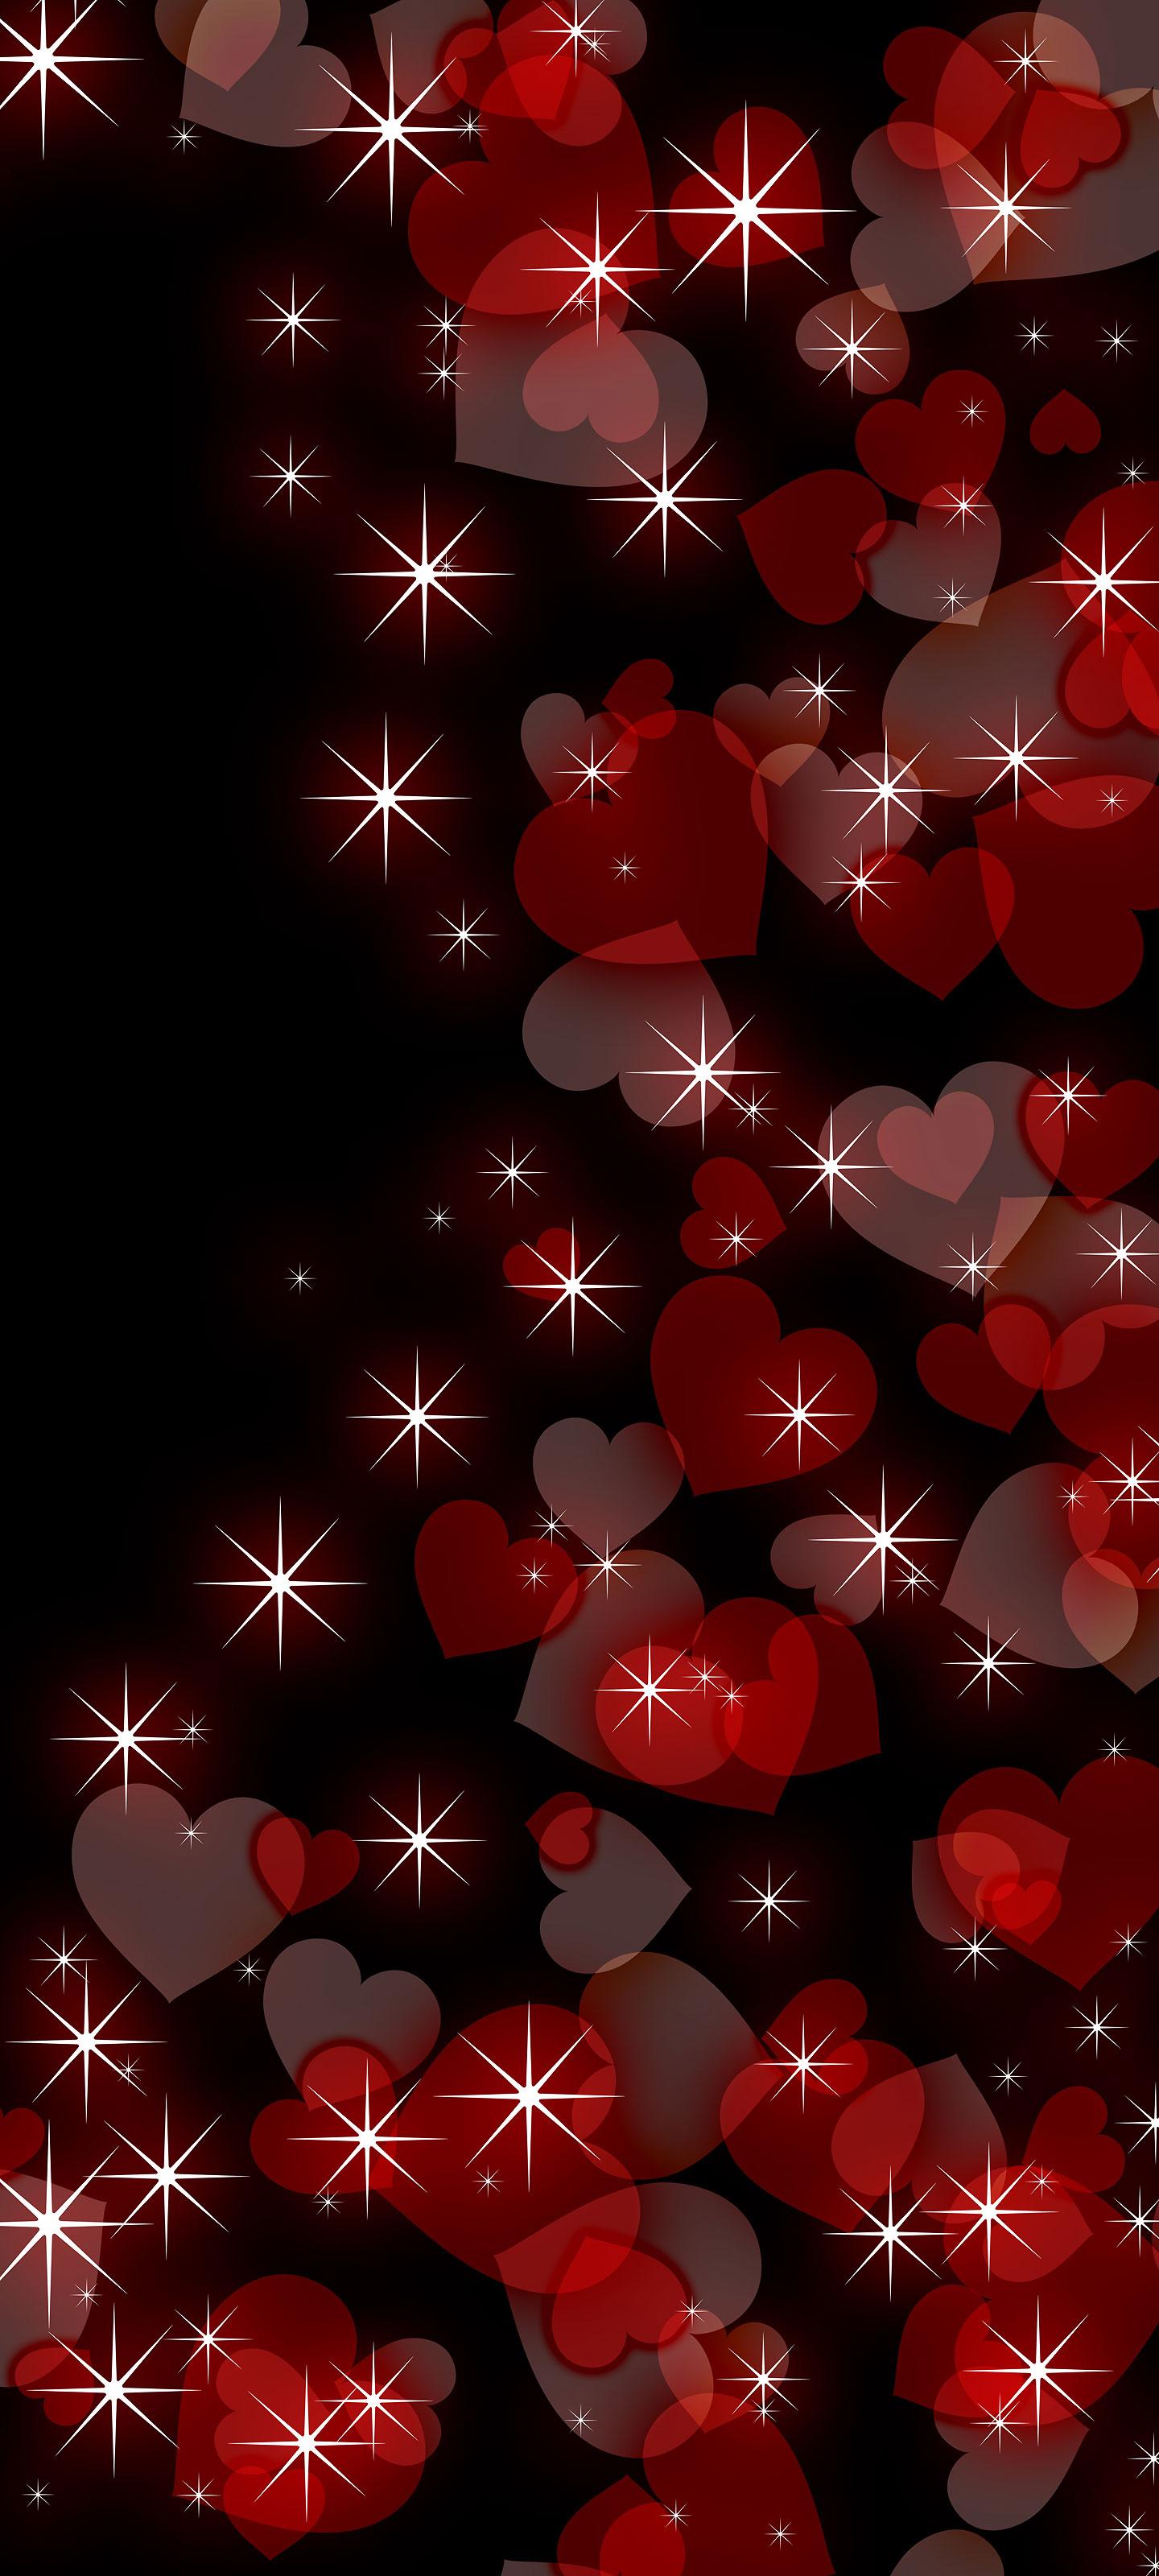 シンプルでかわいいハートの待ち受け スマホ壁紙特集 赤 ピンク 待ち受けparadise